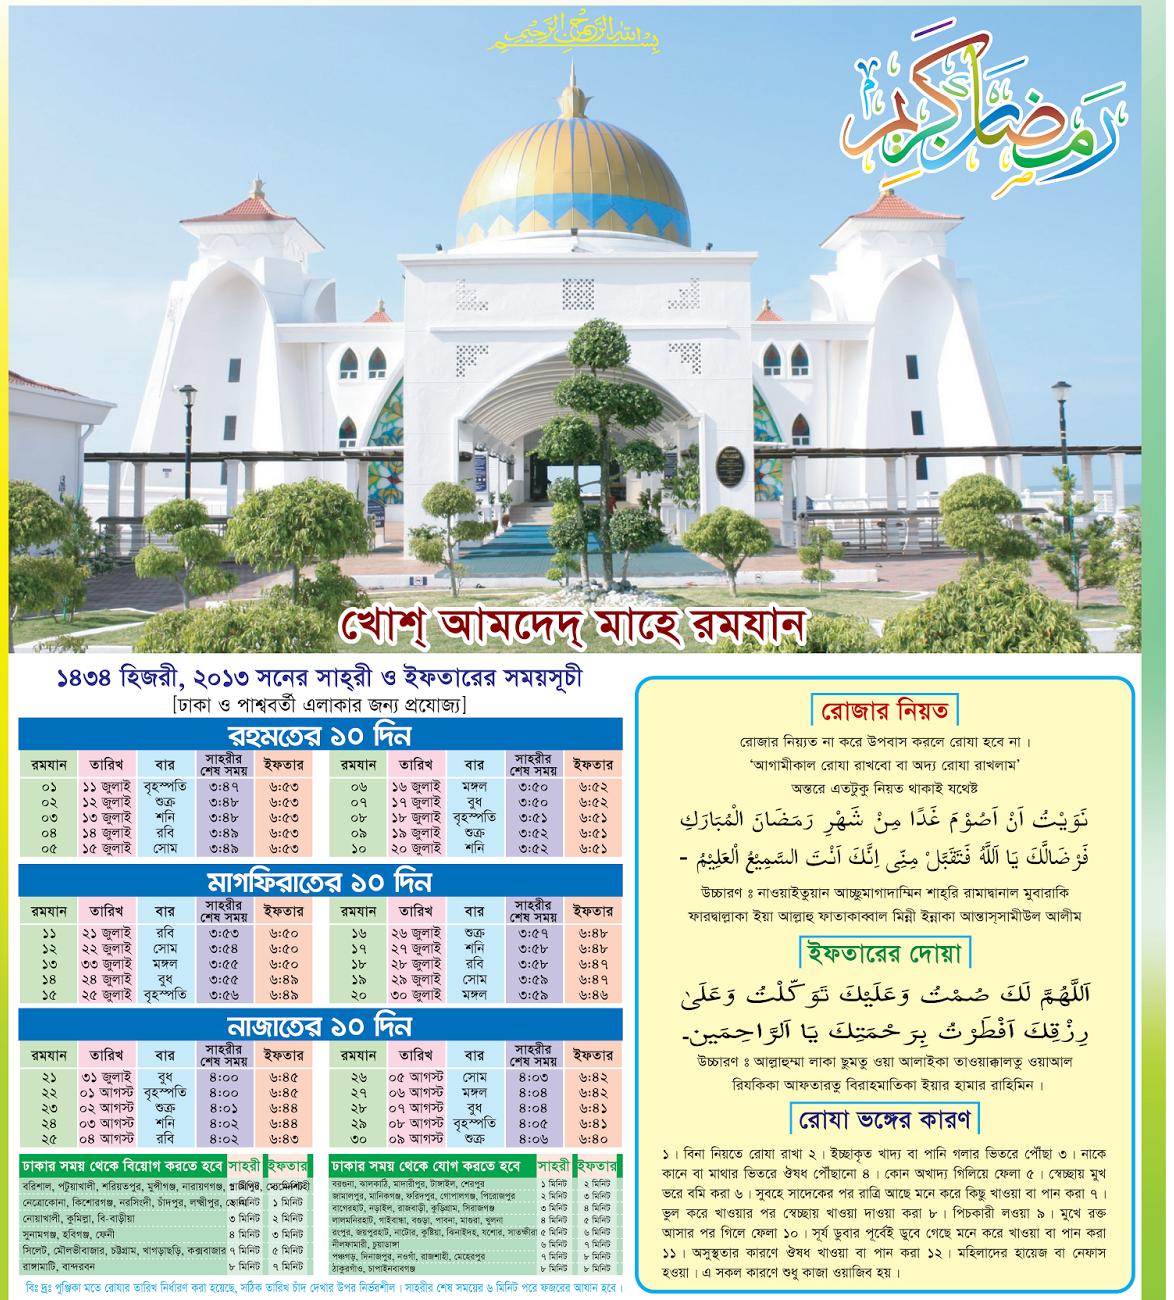 Kalendar islam atau dikenali sebagai takwim hijrah atau takwim islam pula adalah kalendar lunar digunakan